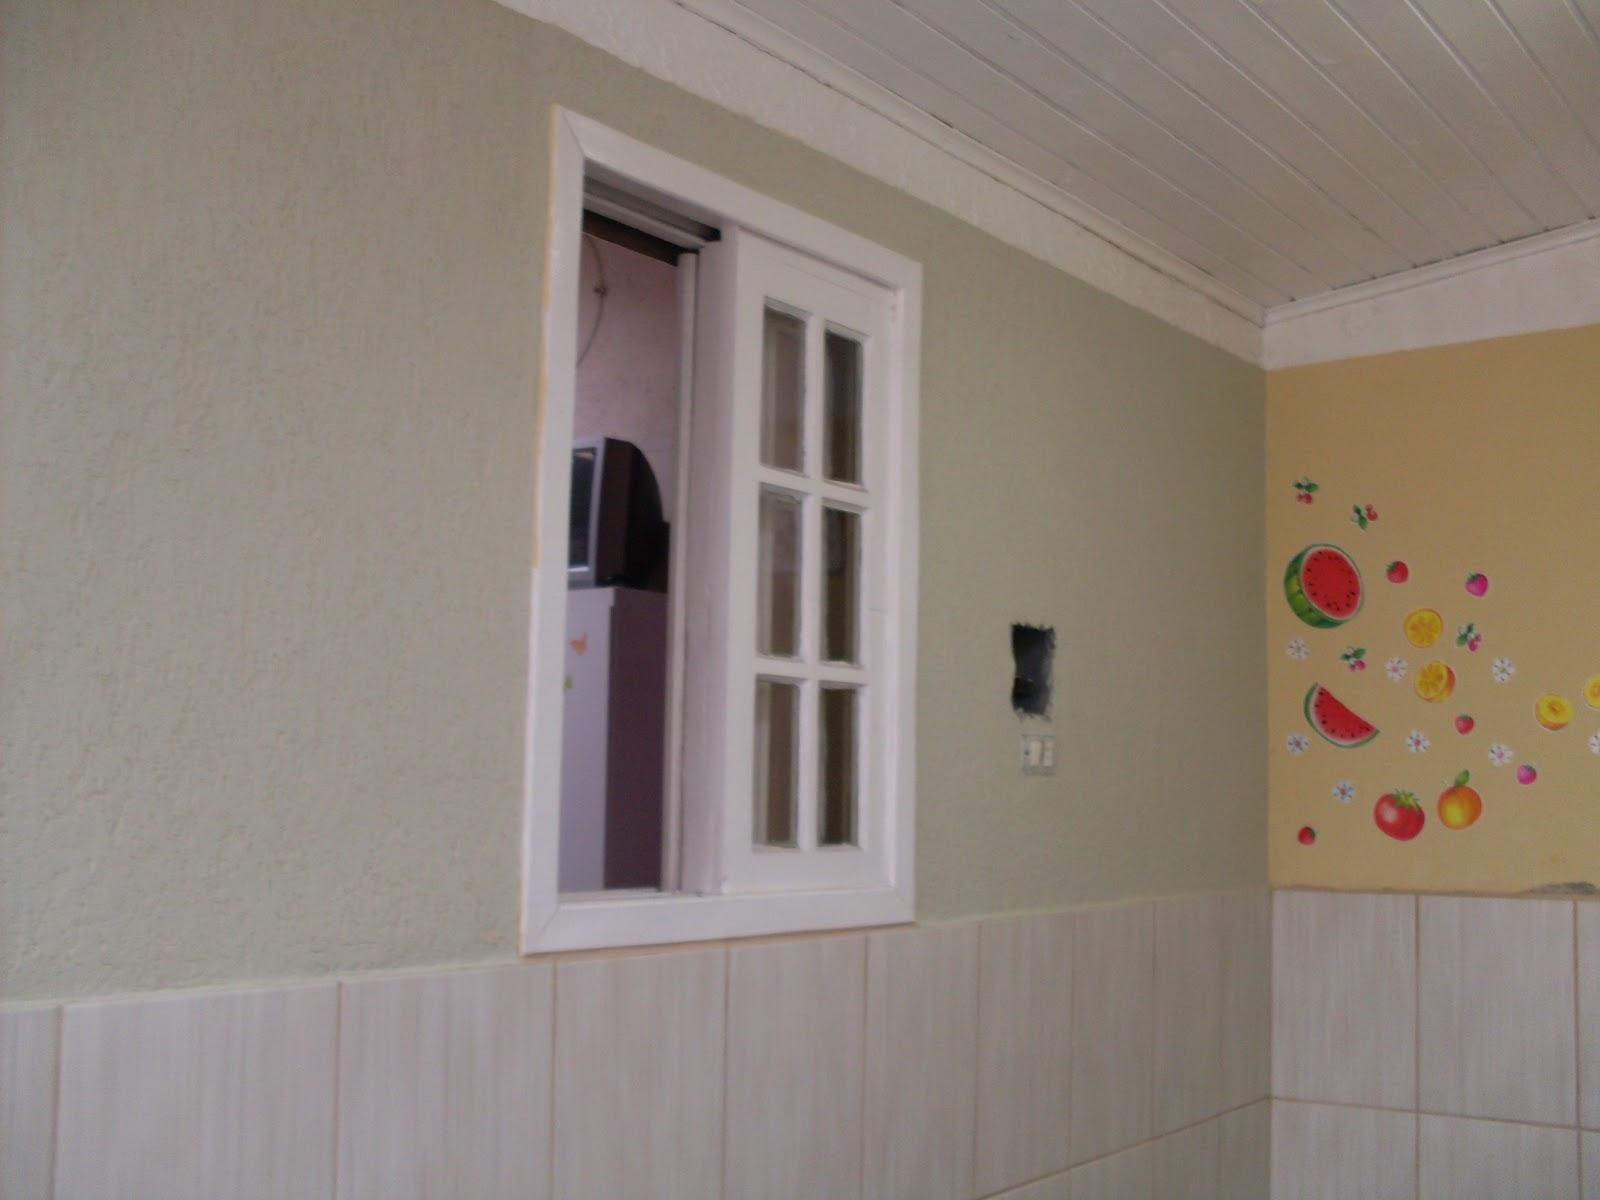 com revestimento em meia parede depois #6E403E 1600x1200 Banheiro Com Revestimento E Grafiato